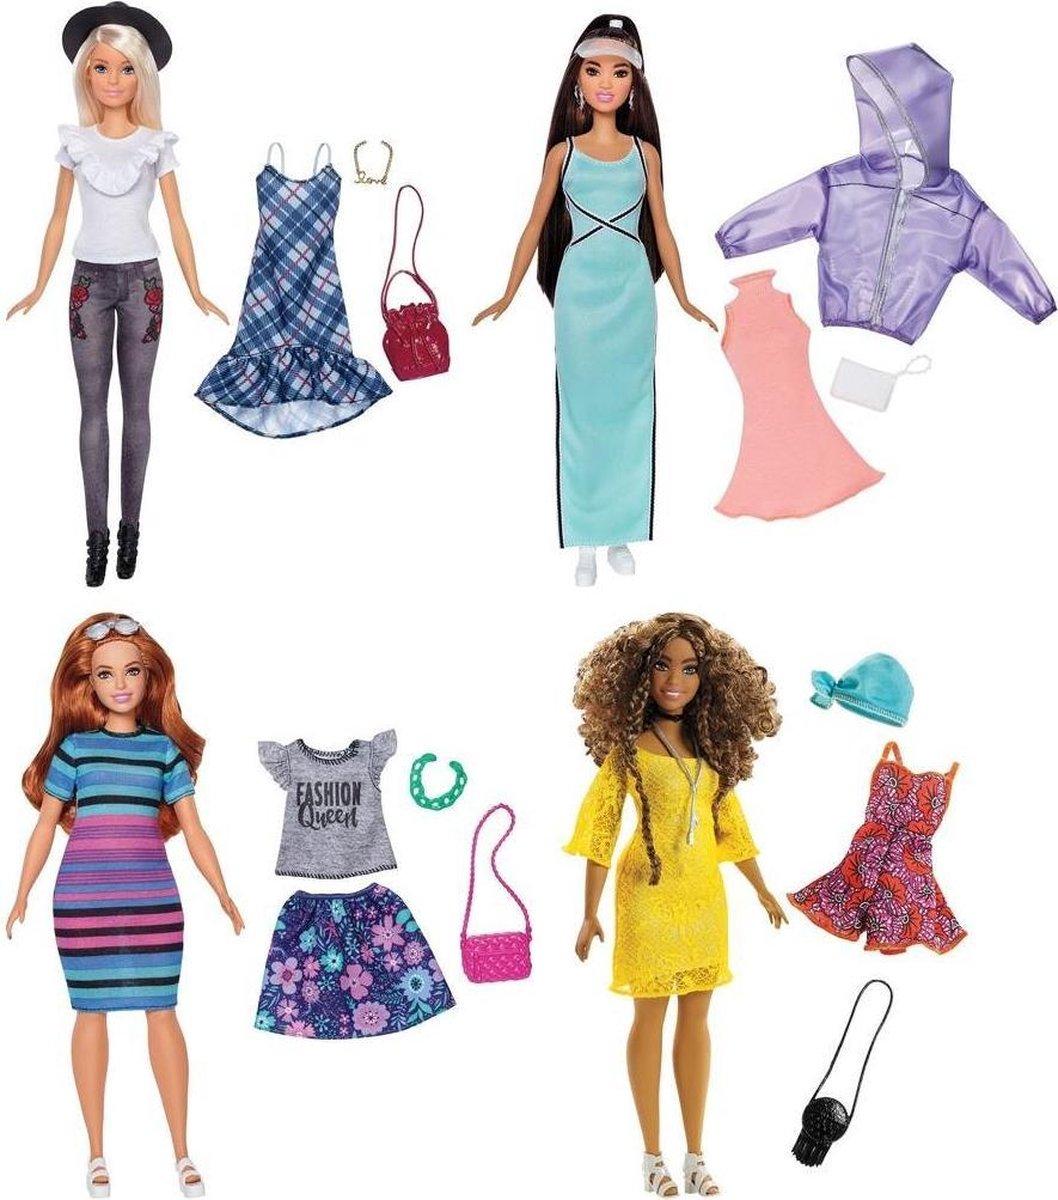 BRB Fashionistas + Fashions Giftsets - FJF67